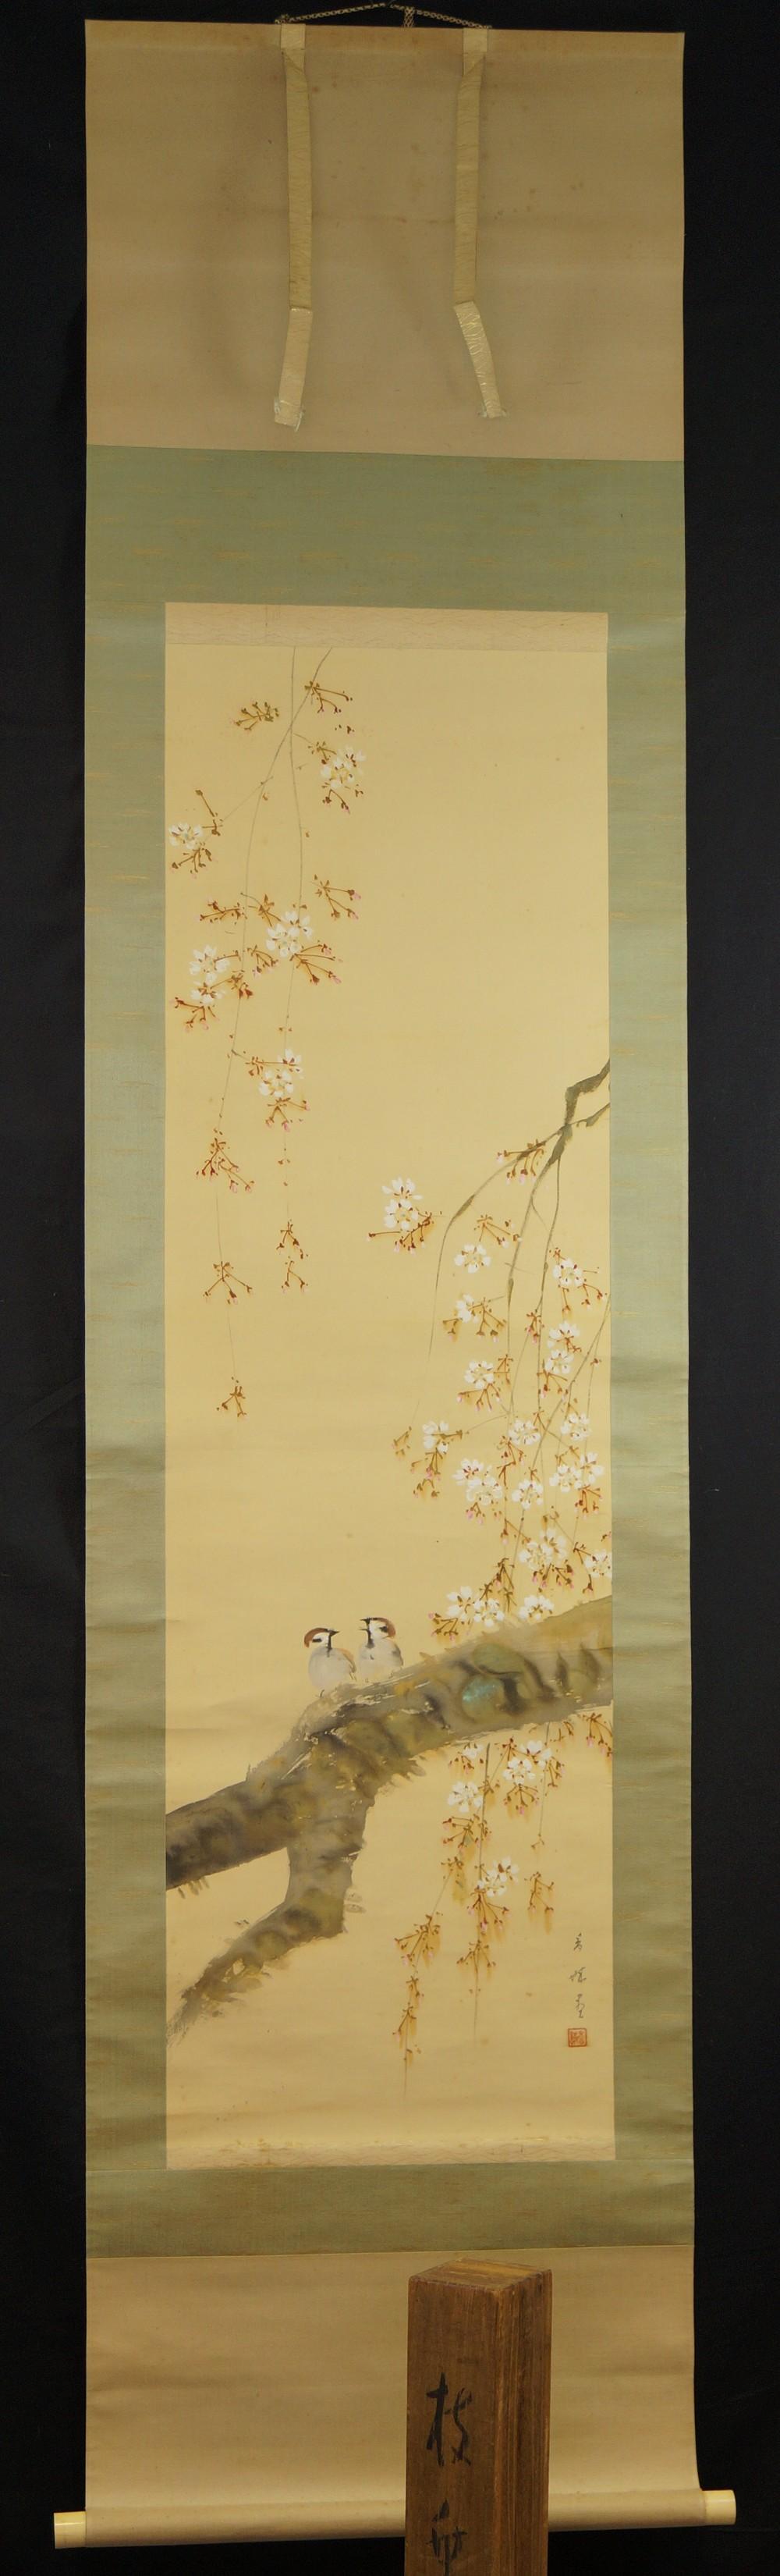 Zwei Spatzen auf dem Sakura Zweig - Japanisches Rollbild (Kakejiku, Kakemono)